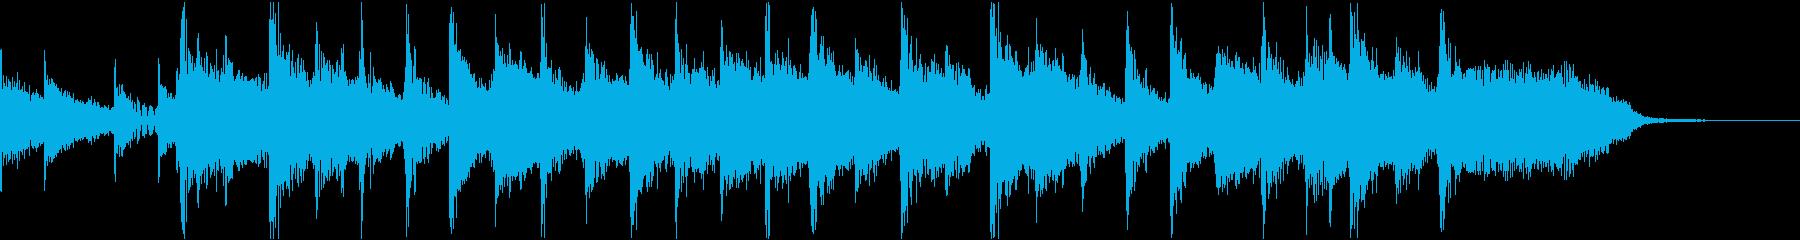 コーナータイトル_格闘技番組系の再生済みの波形